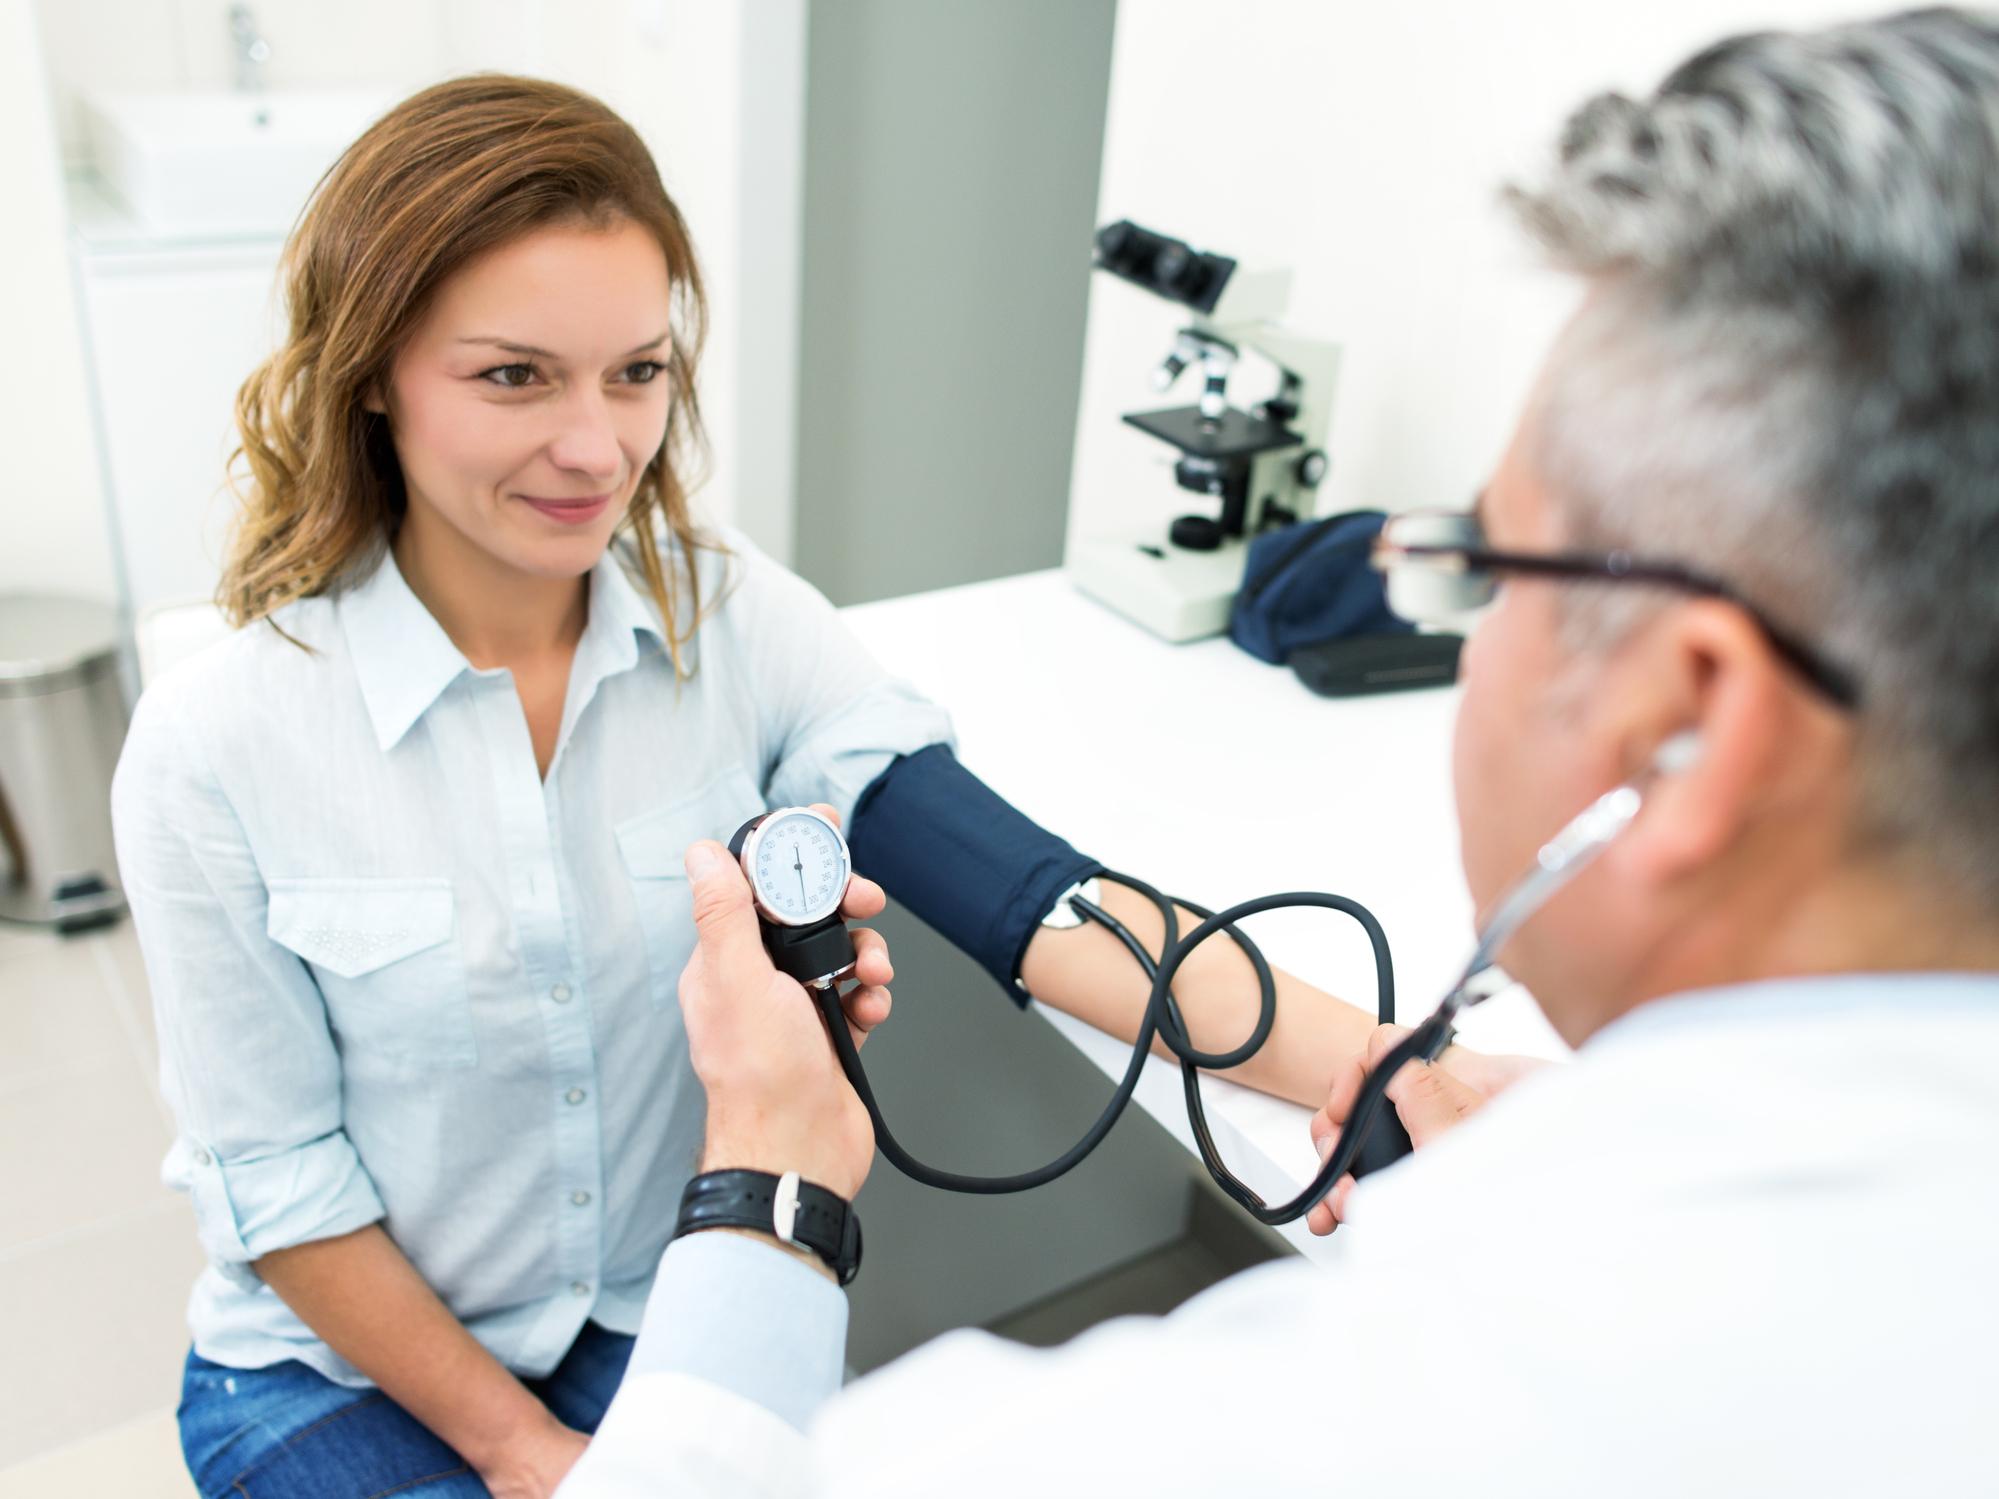 esettörténeti példák a magas vérnyomásról naproxen magas vérnyomás esetén